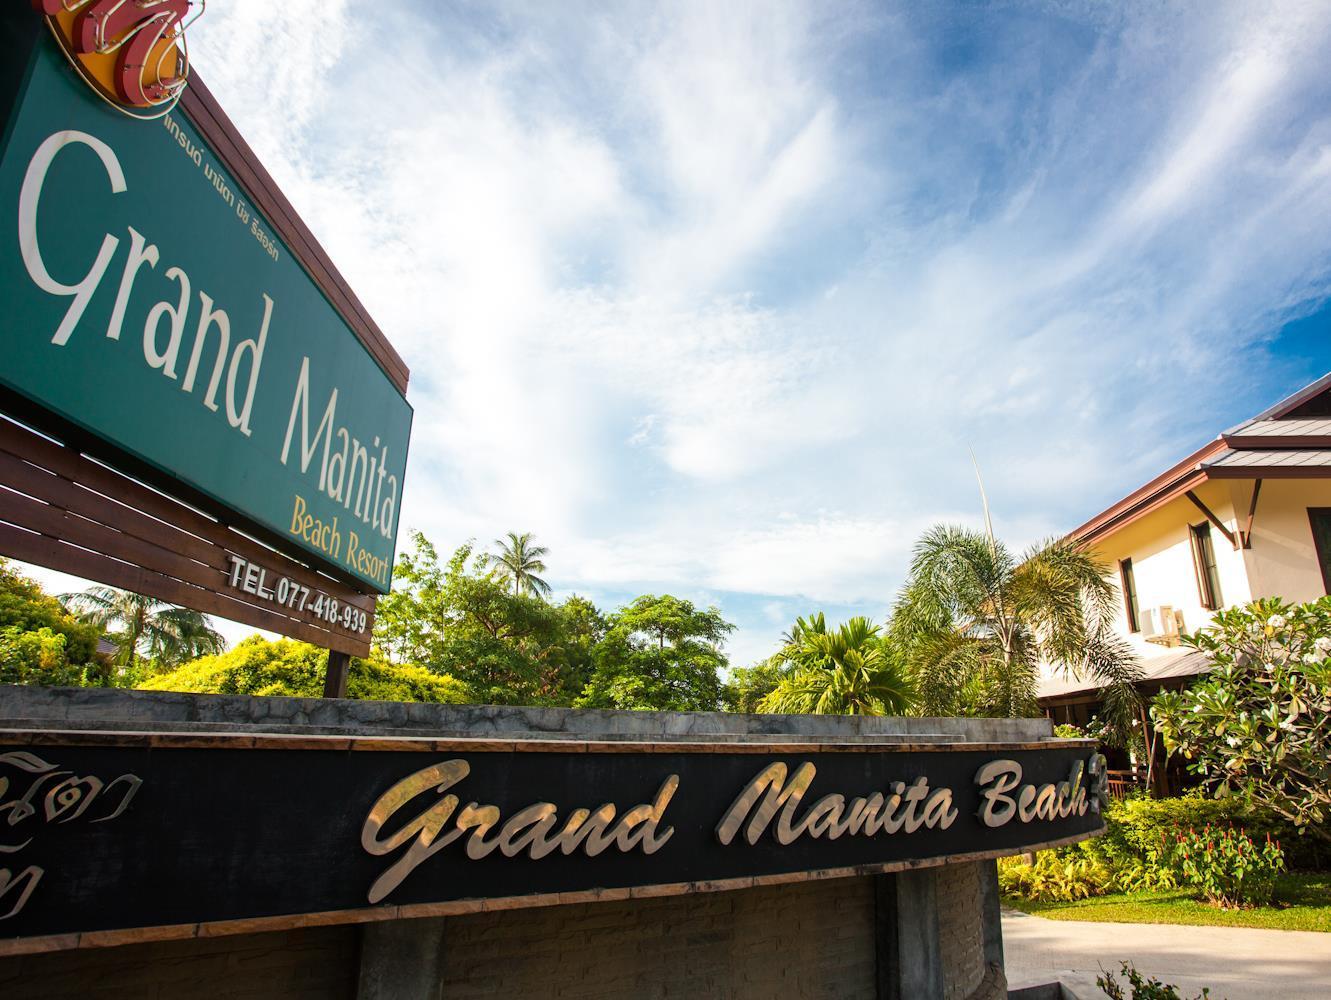 グランド マニタ ビーチ リゾート17